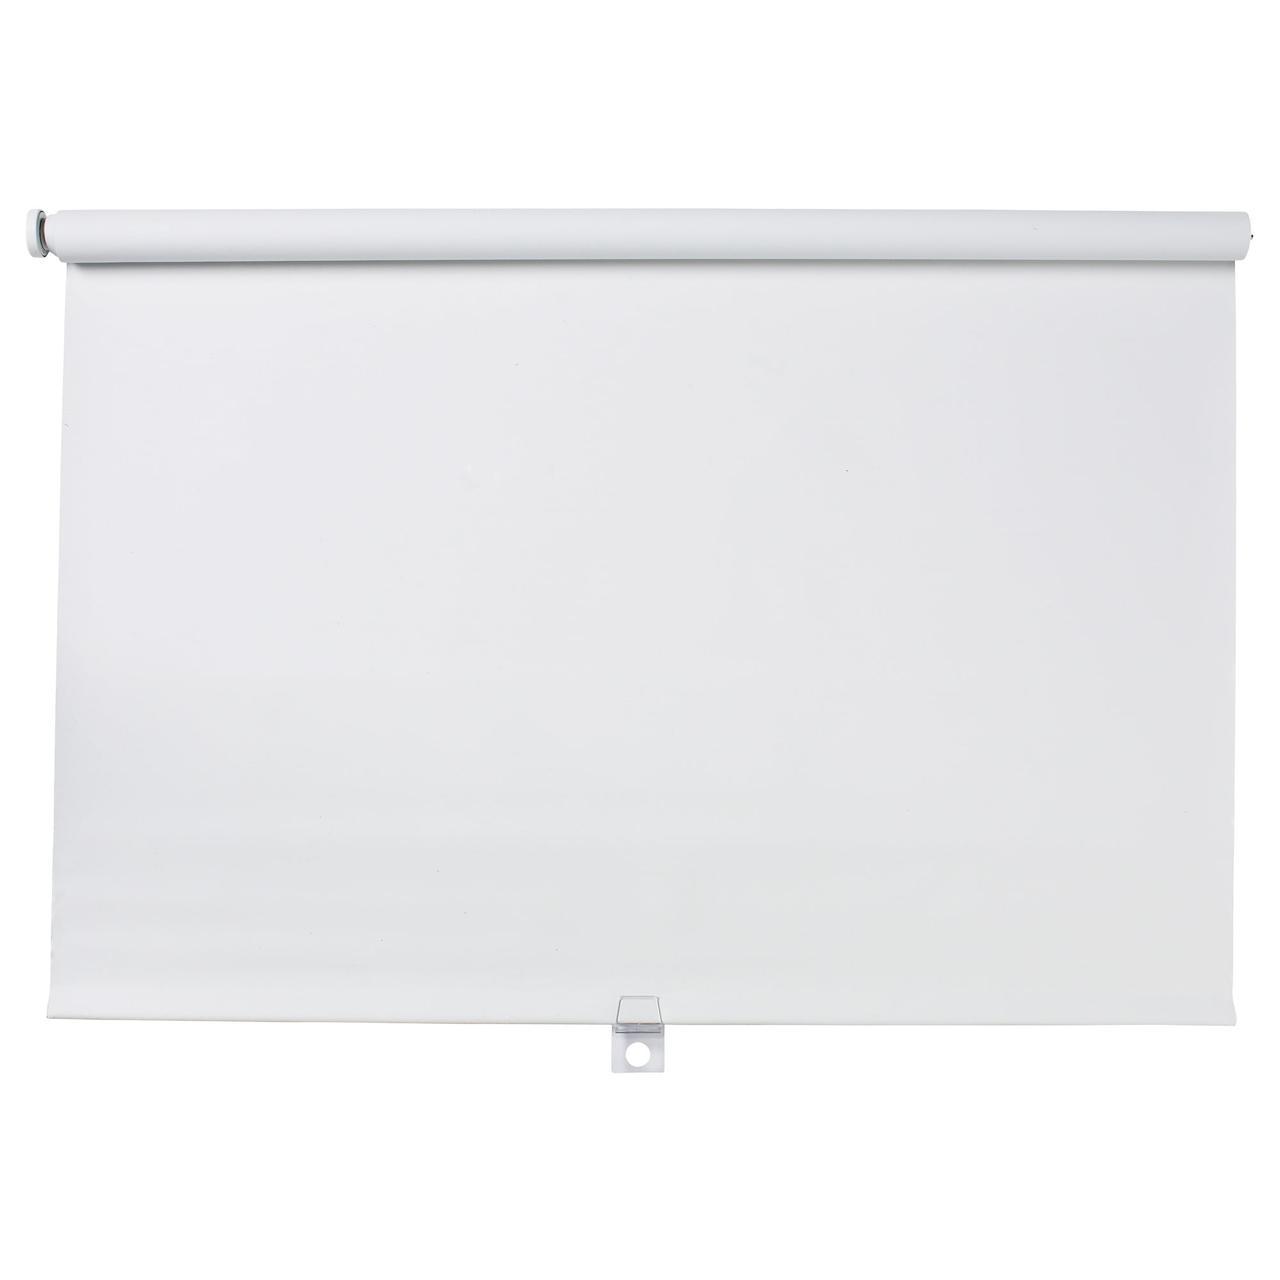 ТУППЛЮР Рулонная штора, блокирующая свет, белый